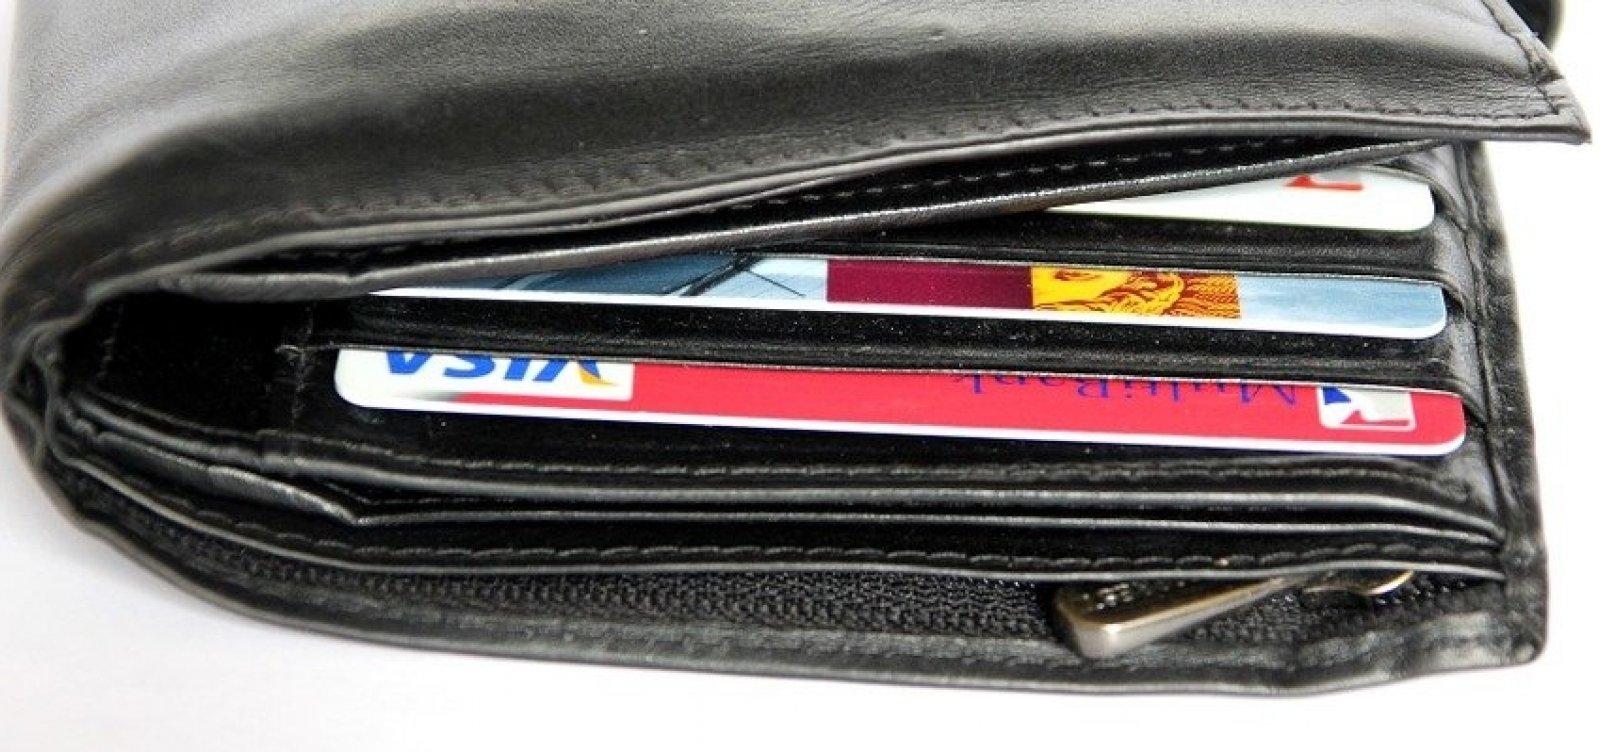 [Dívidas reestruturadas por clientes de baixa renda somam R$ 1,2 bilhão]